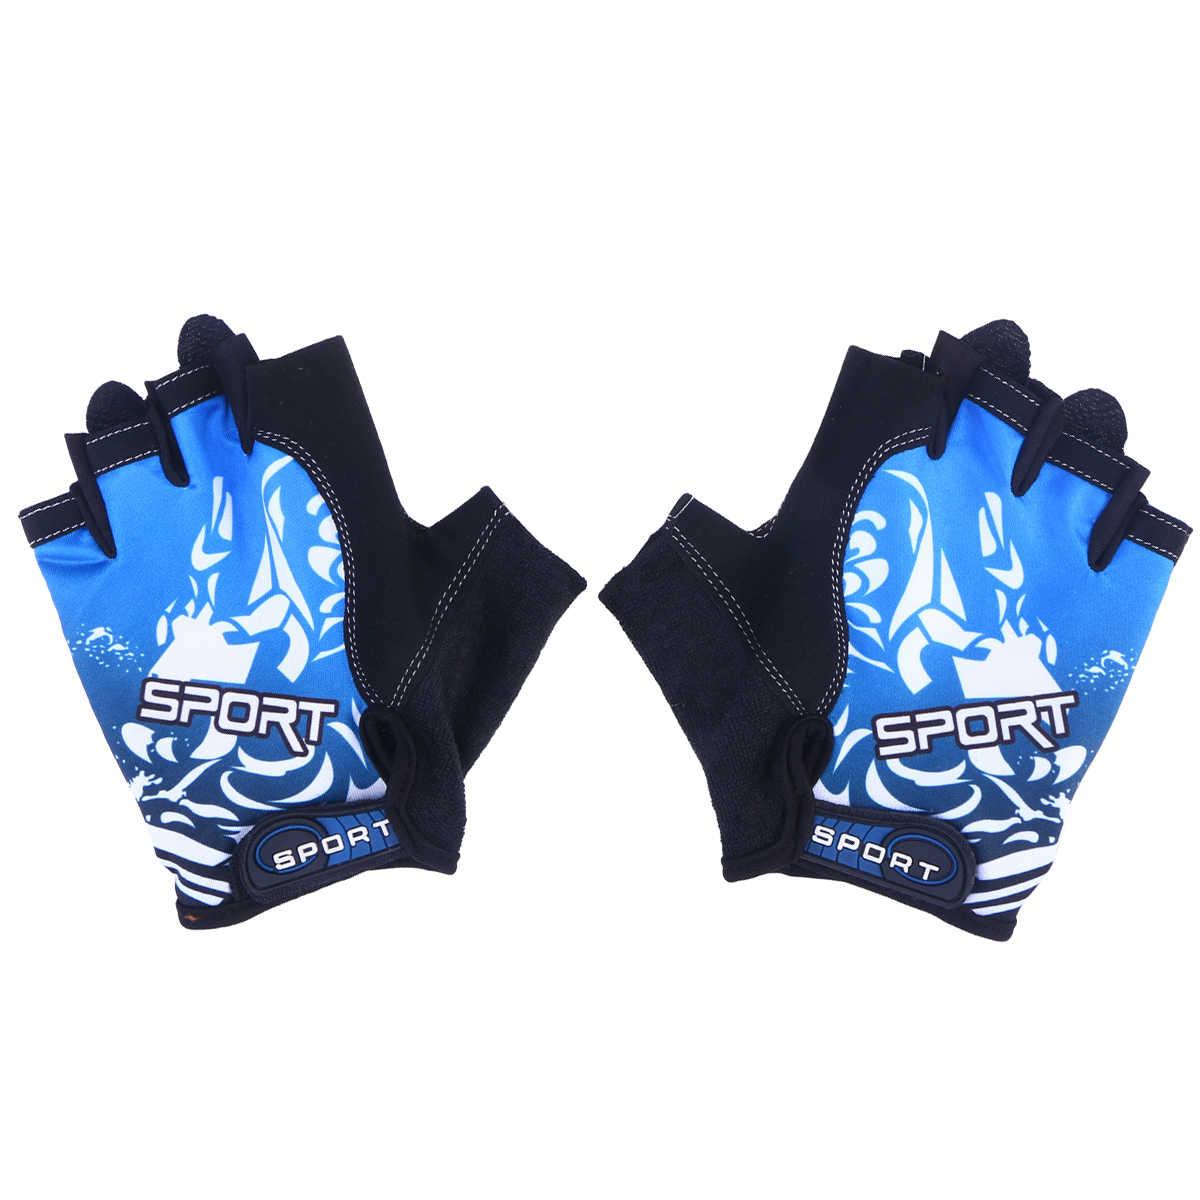 1 çift açık spor yarım parmak eldiven kaymaz nefes spor eldiveni bisiklet tırmanma balıkçılık sürme boyut M (mavi)